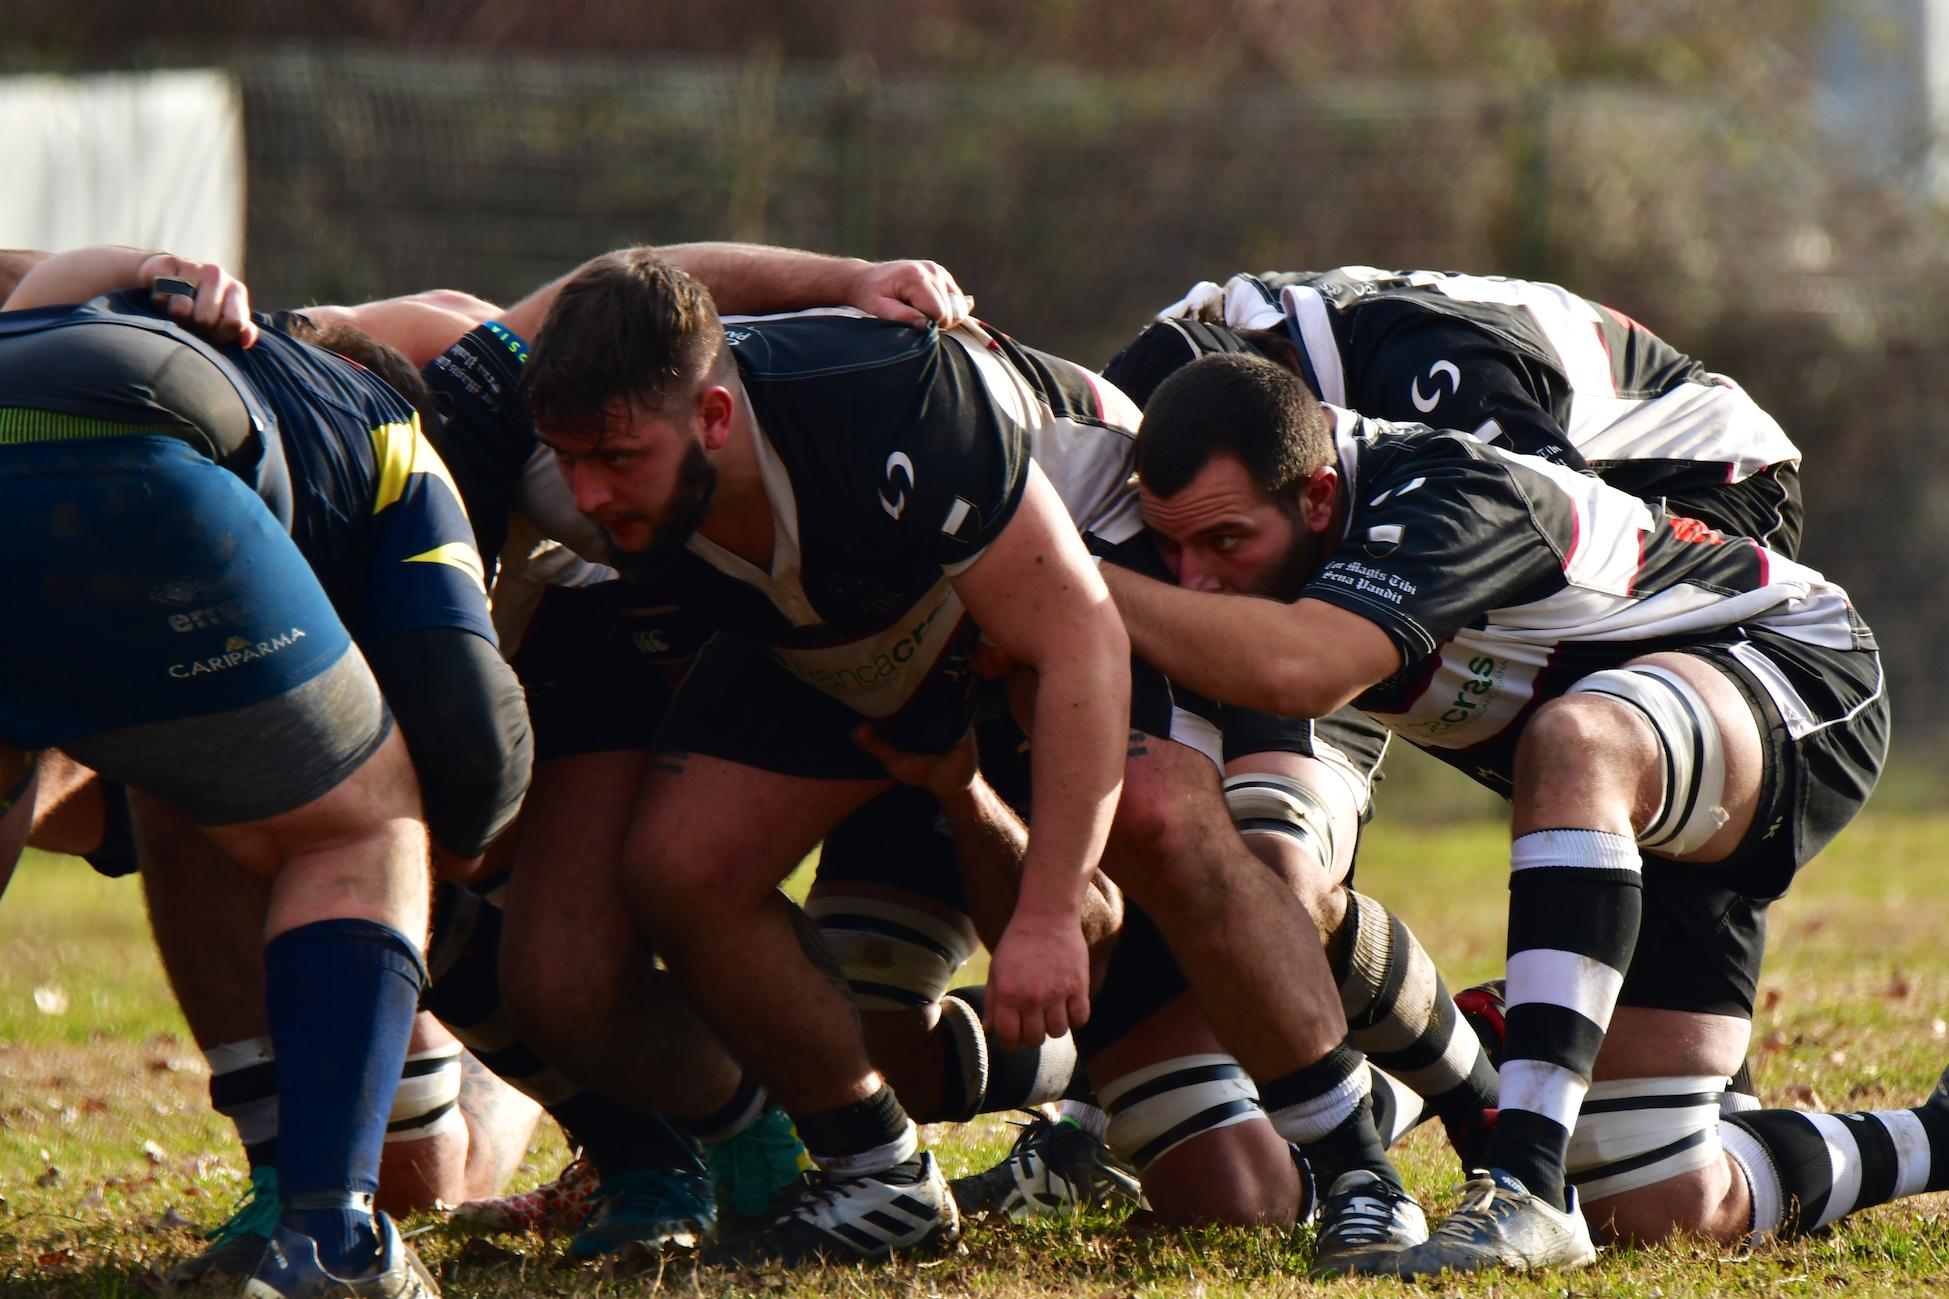 Banca CRAS CUS Siena Rugby centra la sua prima vittoria in trasferta in serie B